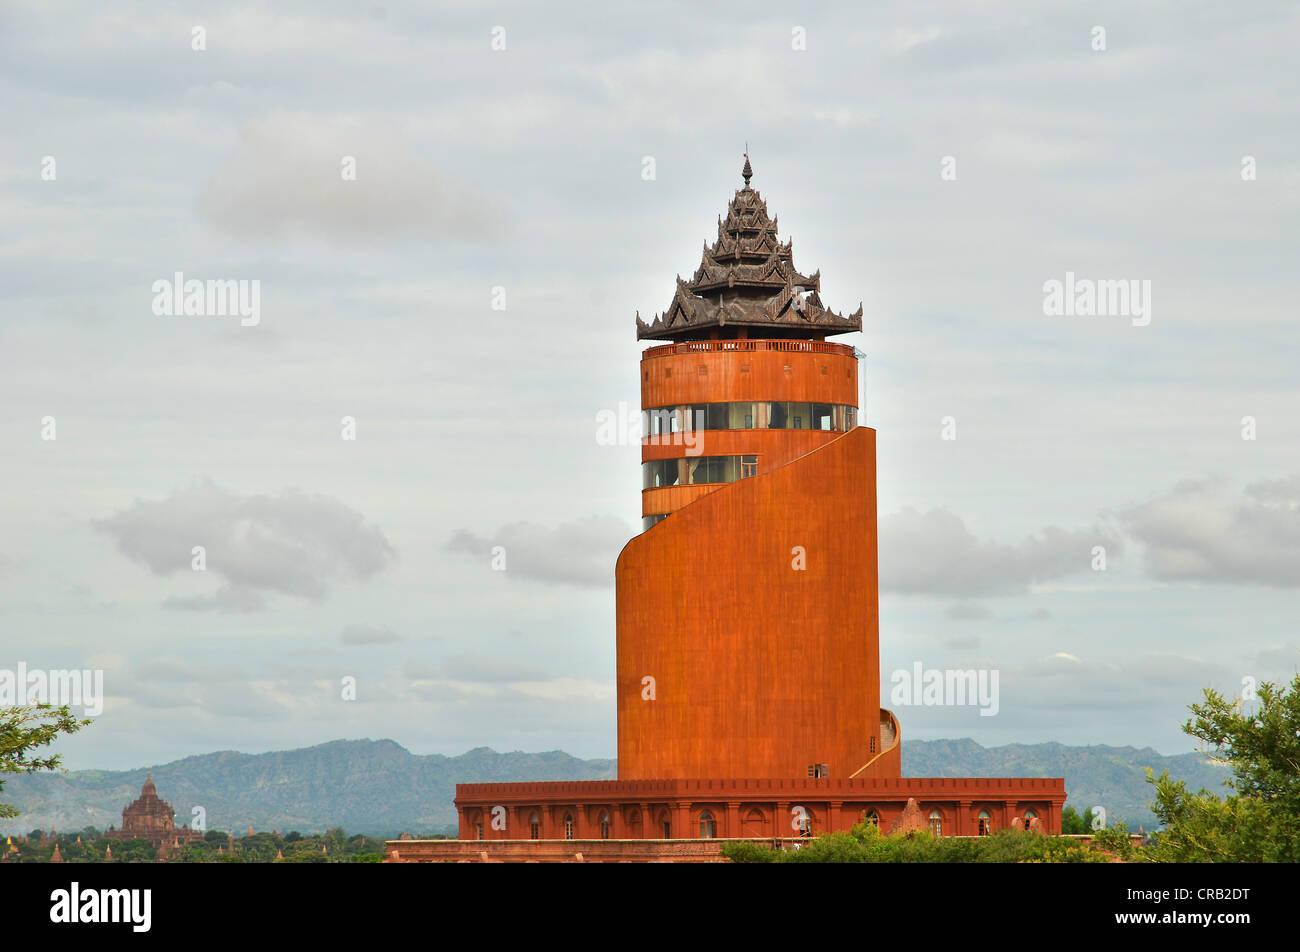 Nuova moderna torre di osservazione del governo militare costruito in cemento in una pagoda stile, Bagan, MYANMAR Birmania Foto Stock